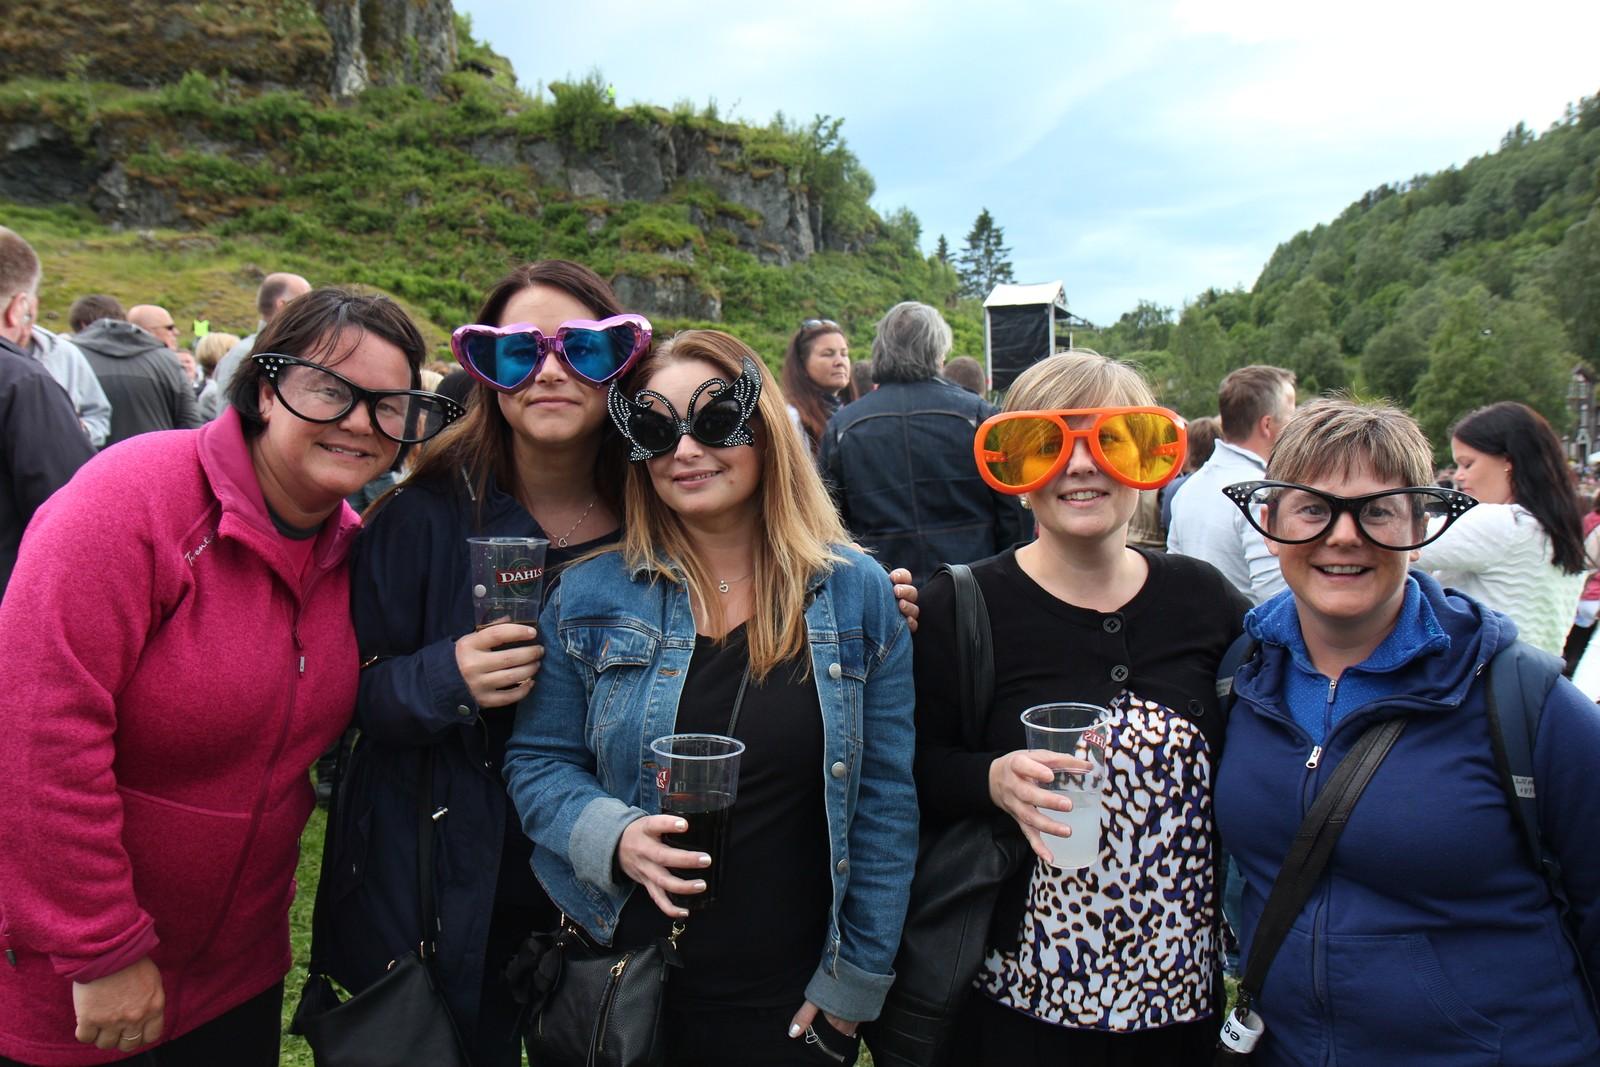 Fleire hadde også fargerike briller for å hylle britiske Elton John.